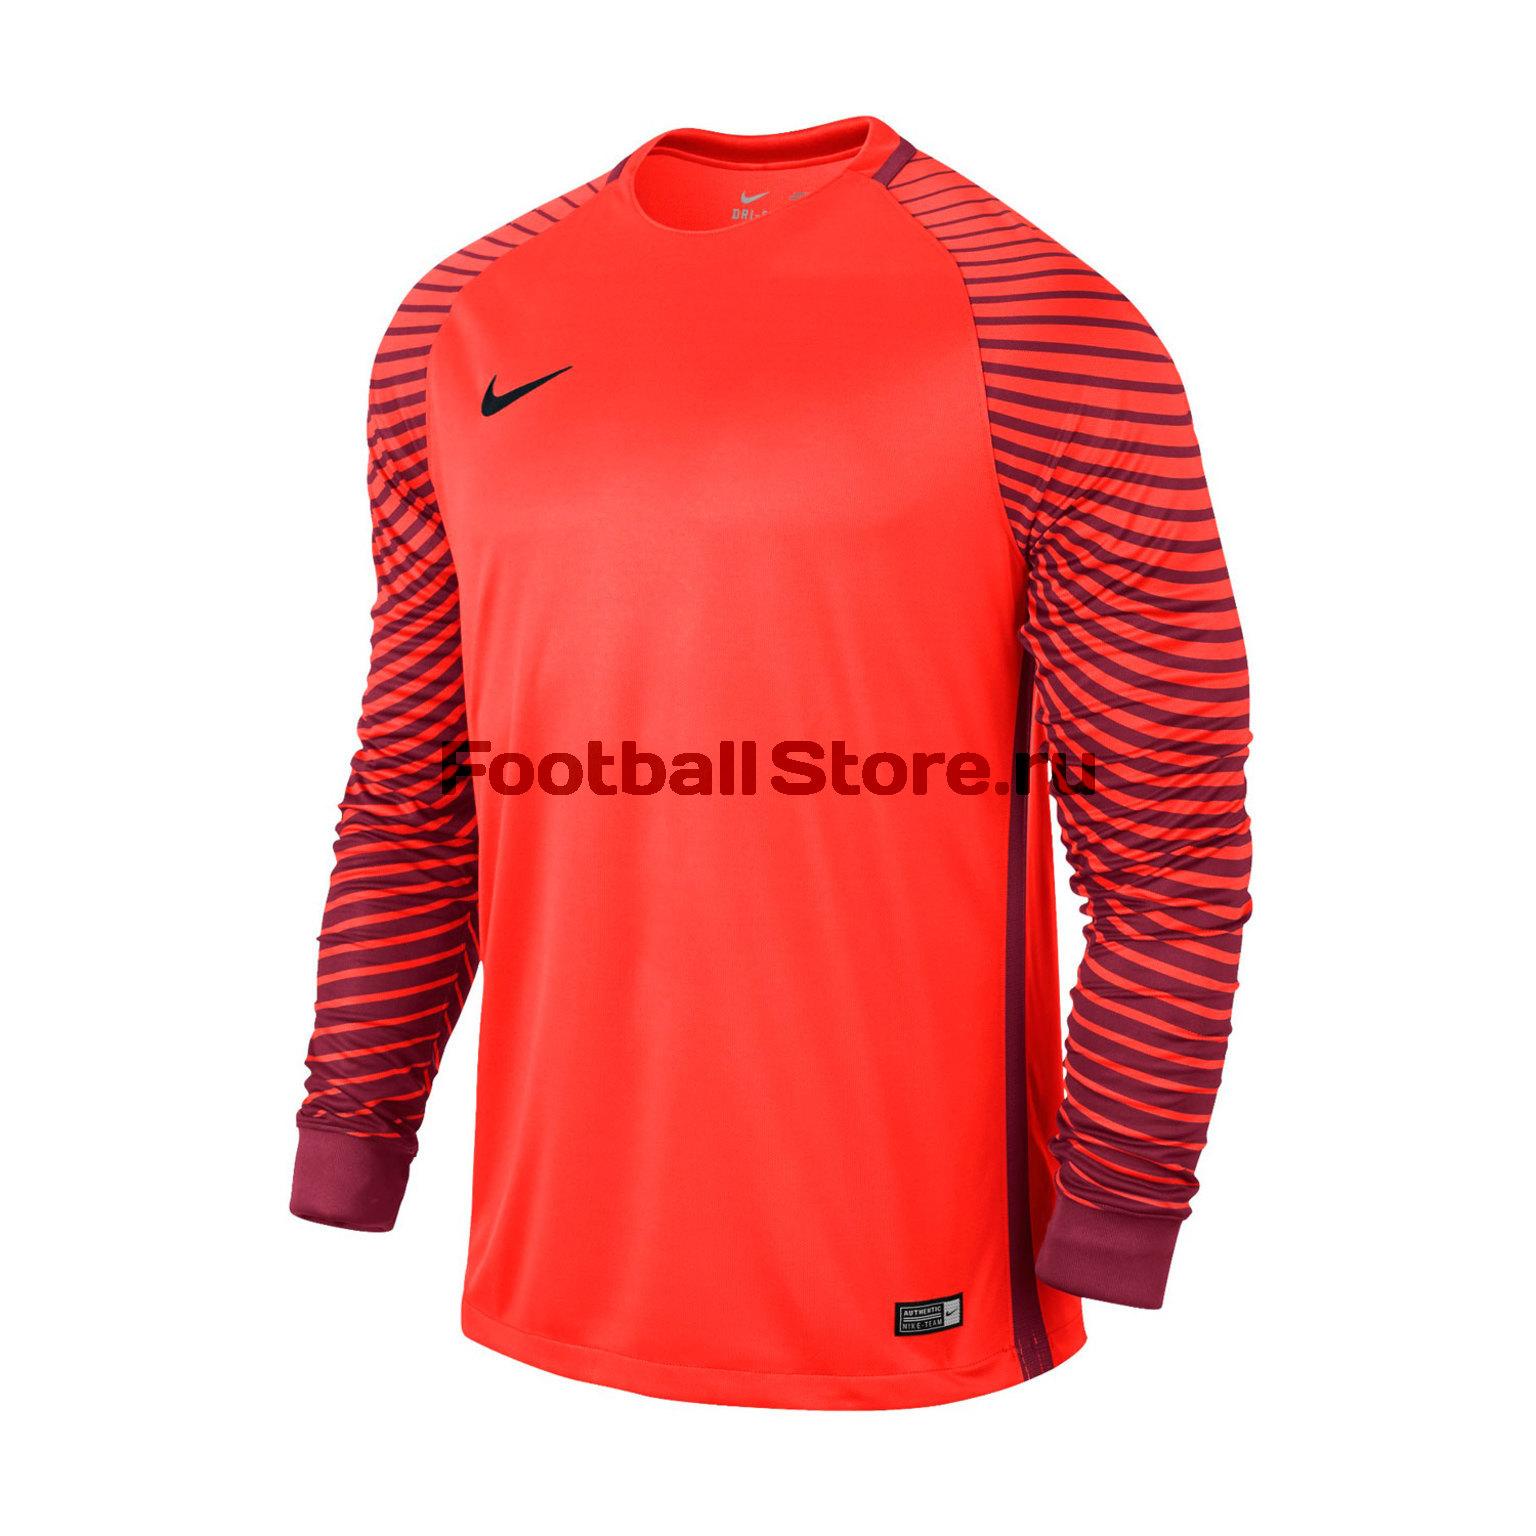 купить Свитер вратарский Nike Gardien JSY LS 725882-671 недорого